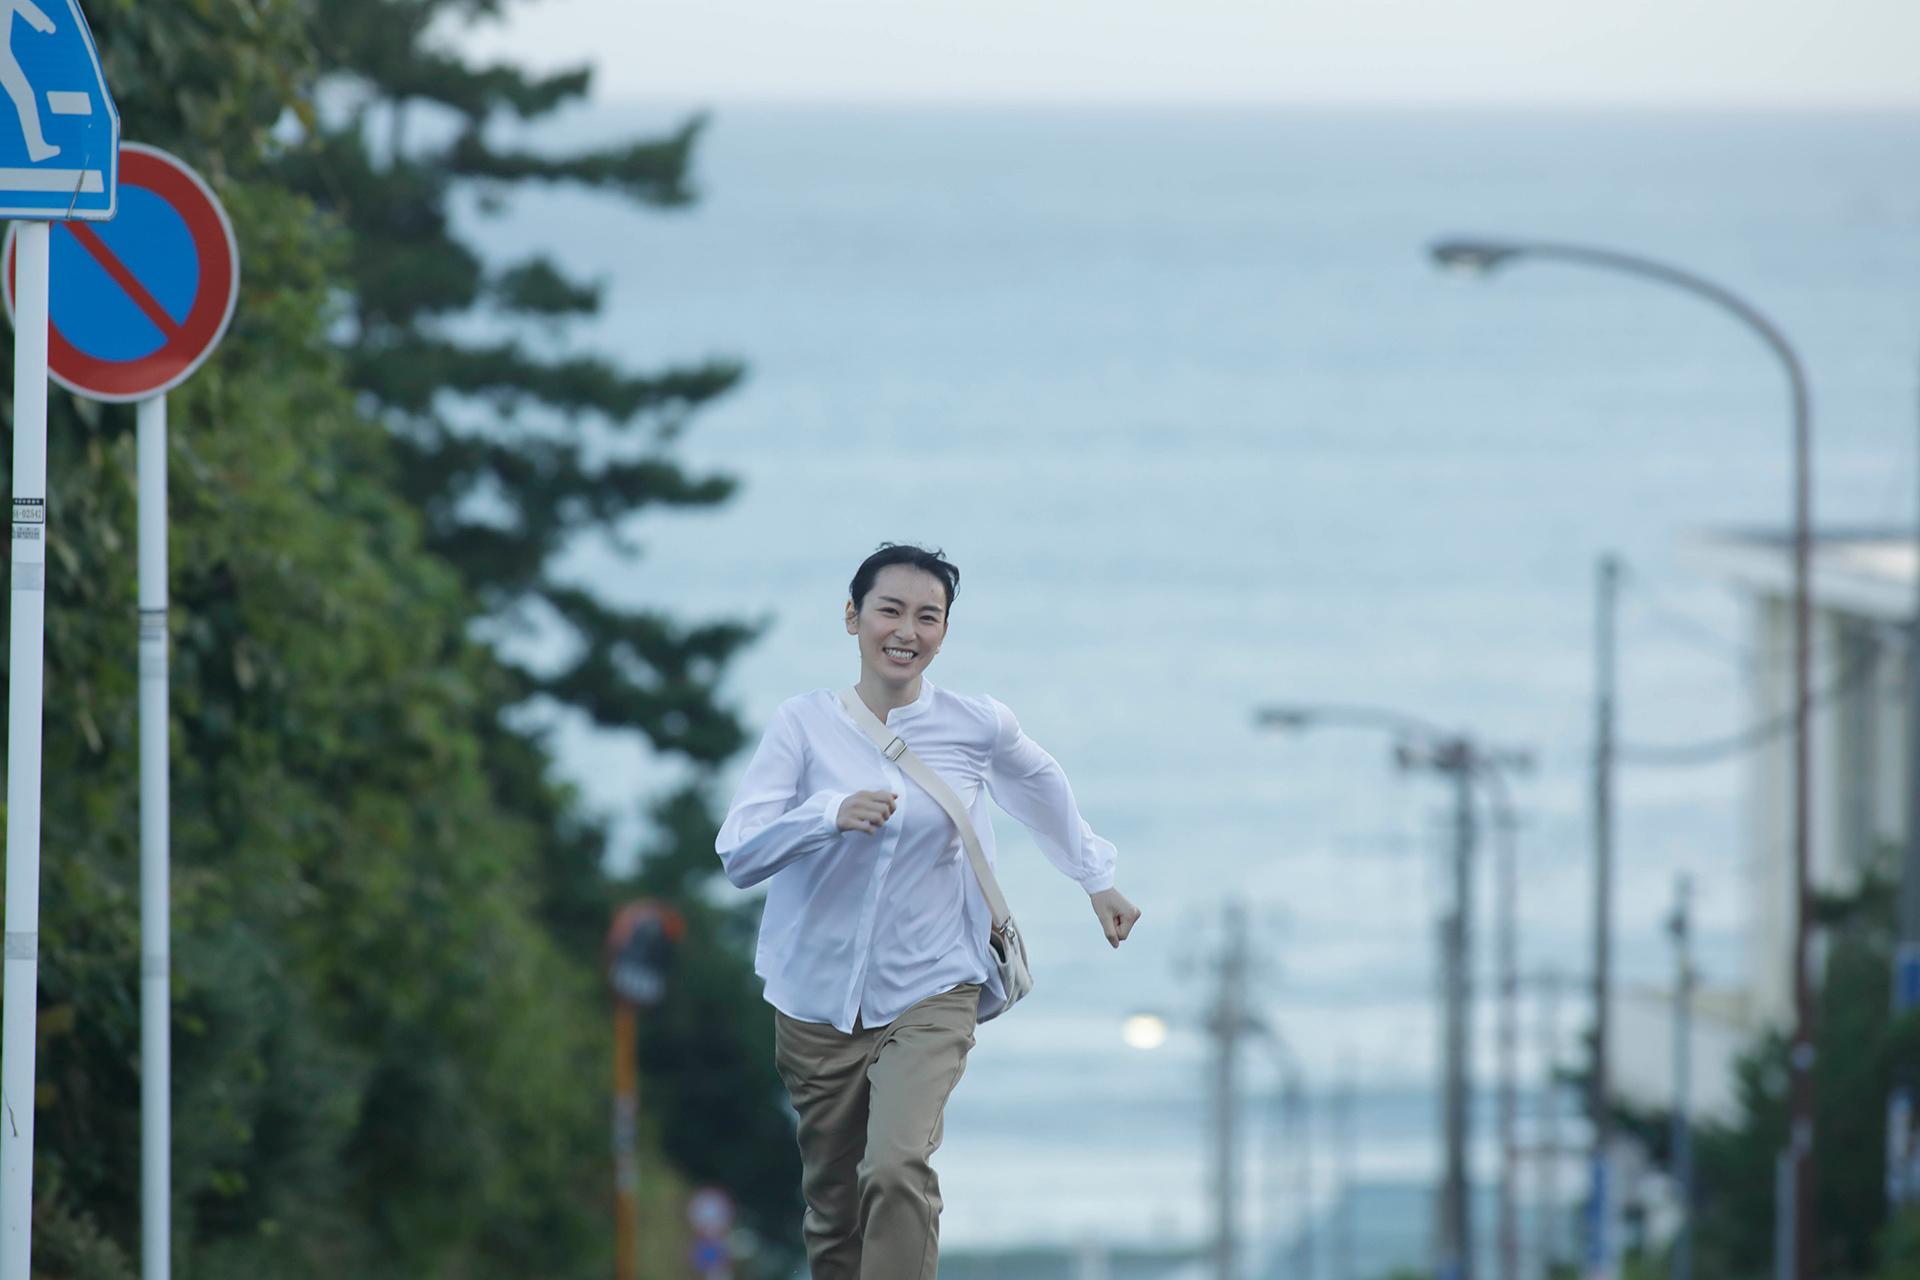 SOMPOケア初のテレビCM「この道のプロ」篇CMソングを担当!曲「奇跡2021」